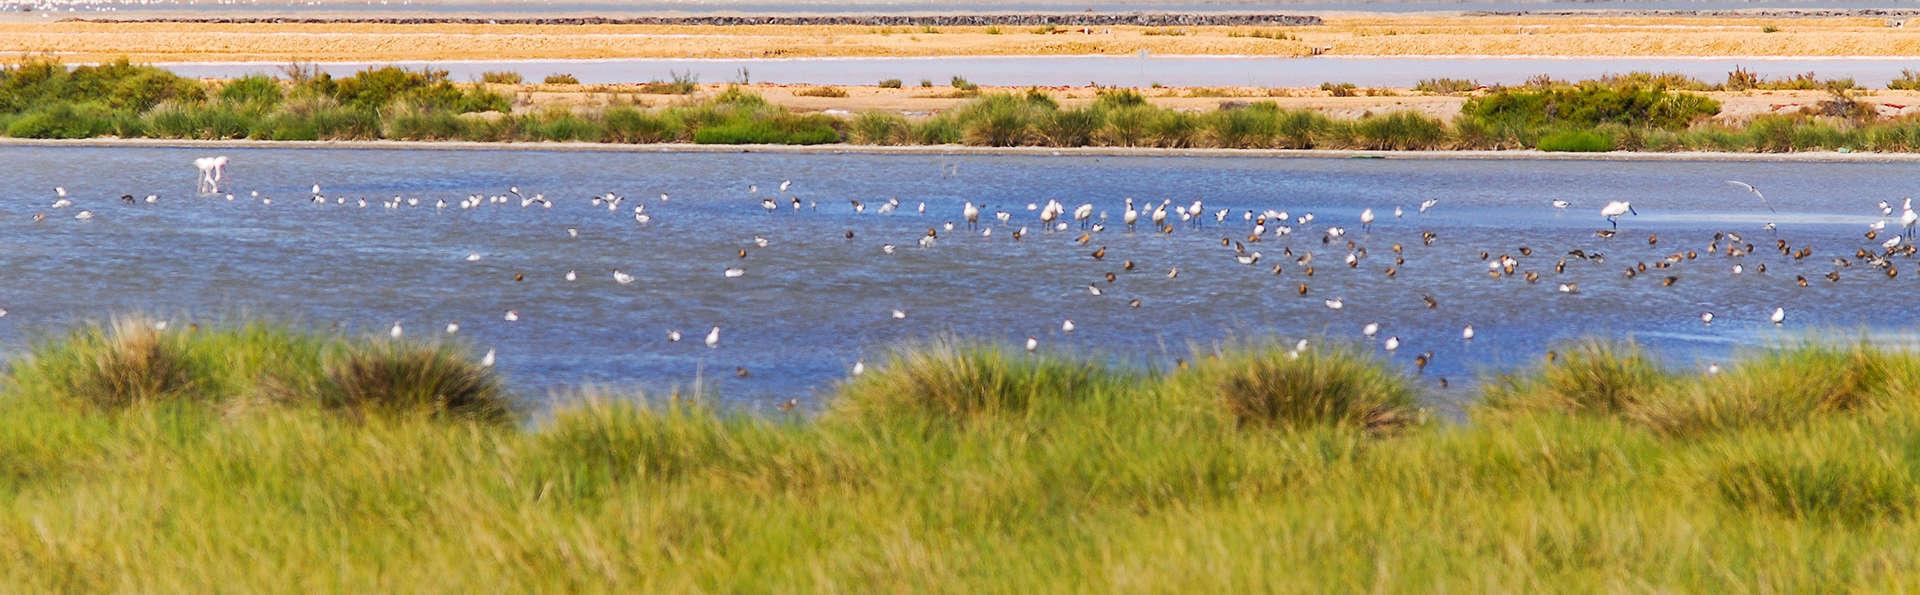 Week-end de charme près du parc naturel de Doñana en Andalousie